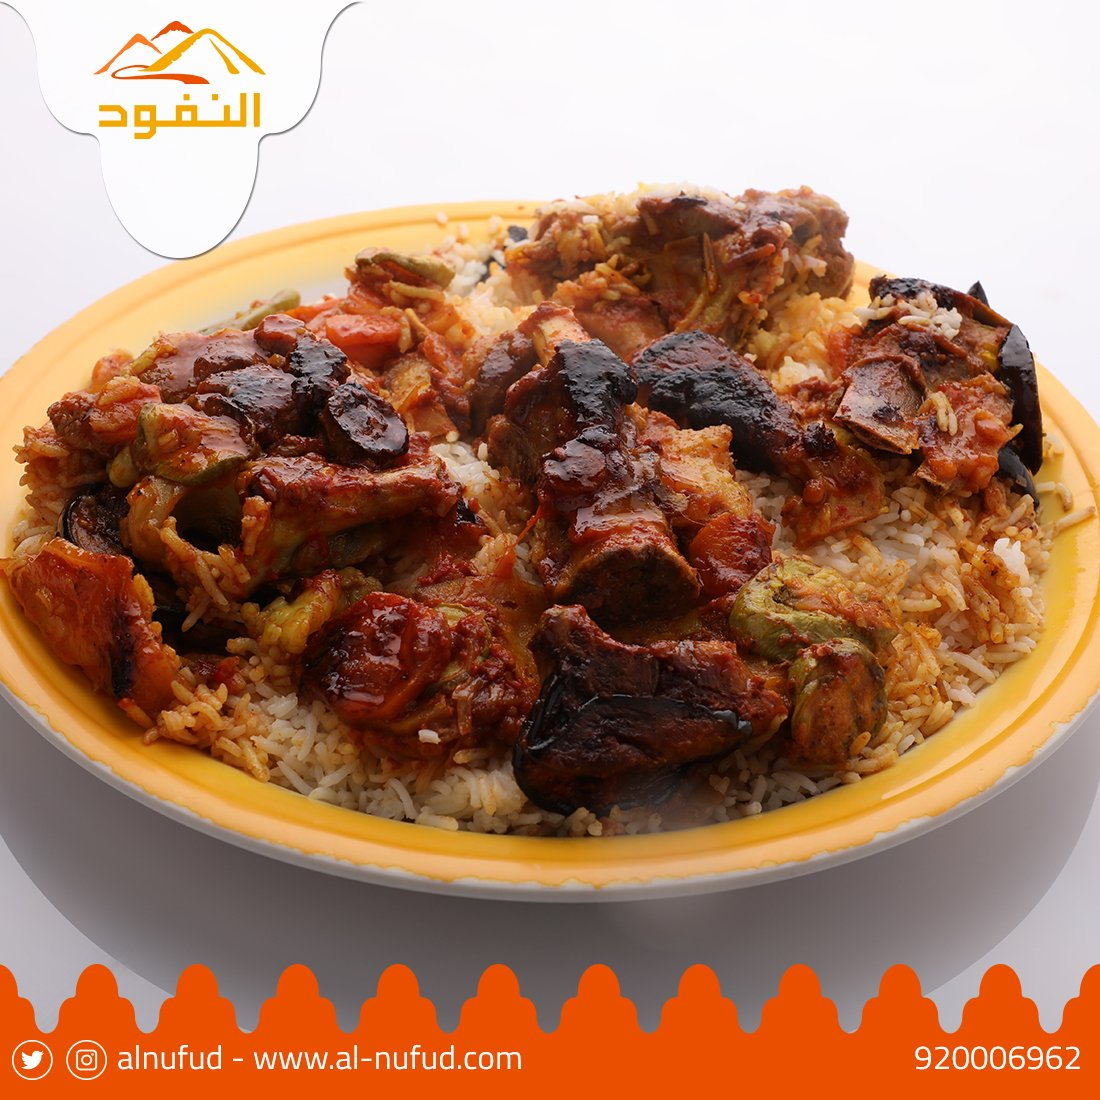 مطعم النفود Twitterren النفود أجمل ختام ليومك النفود